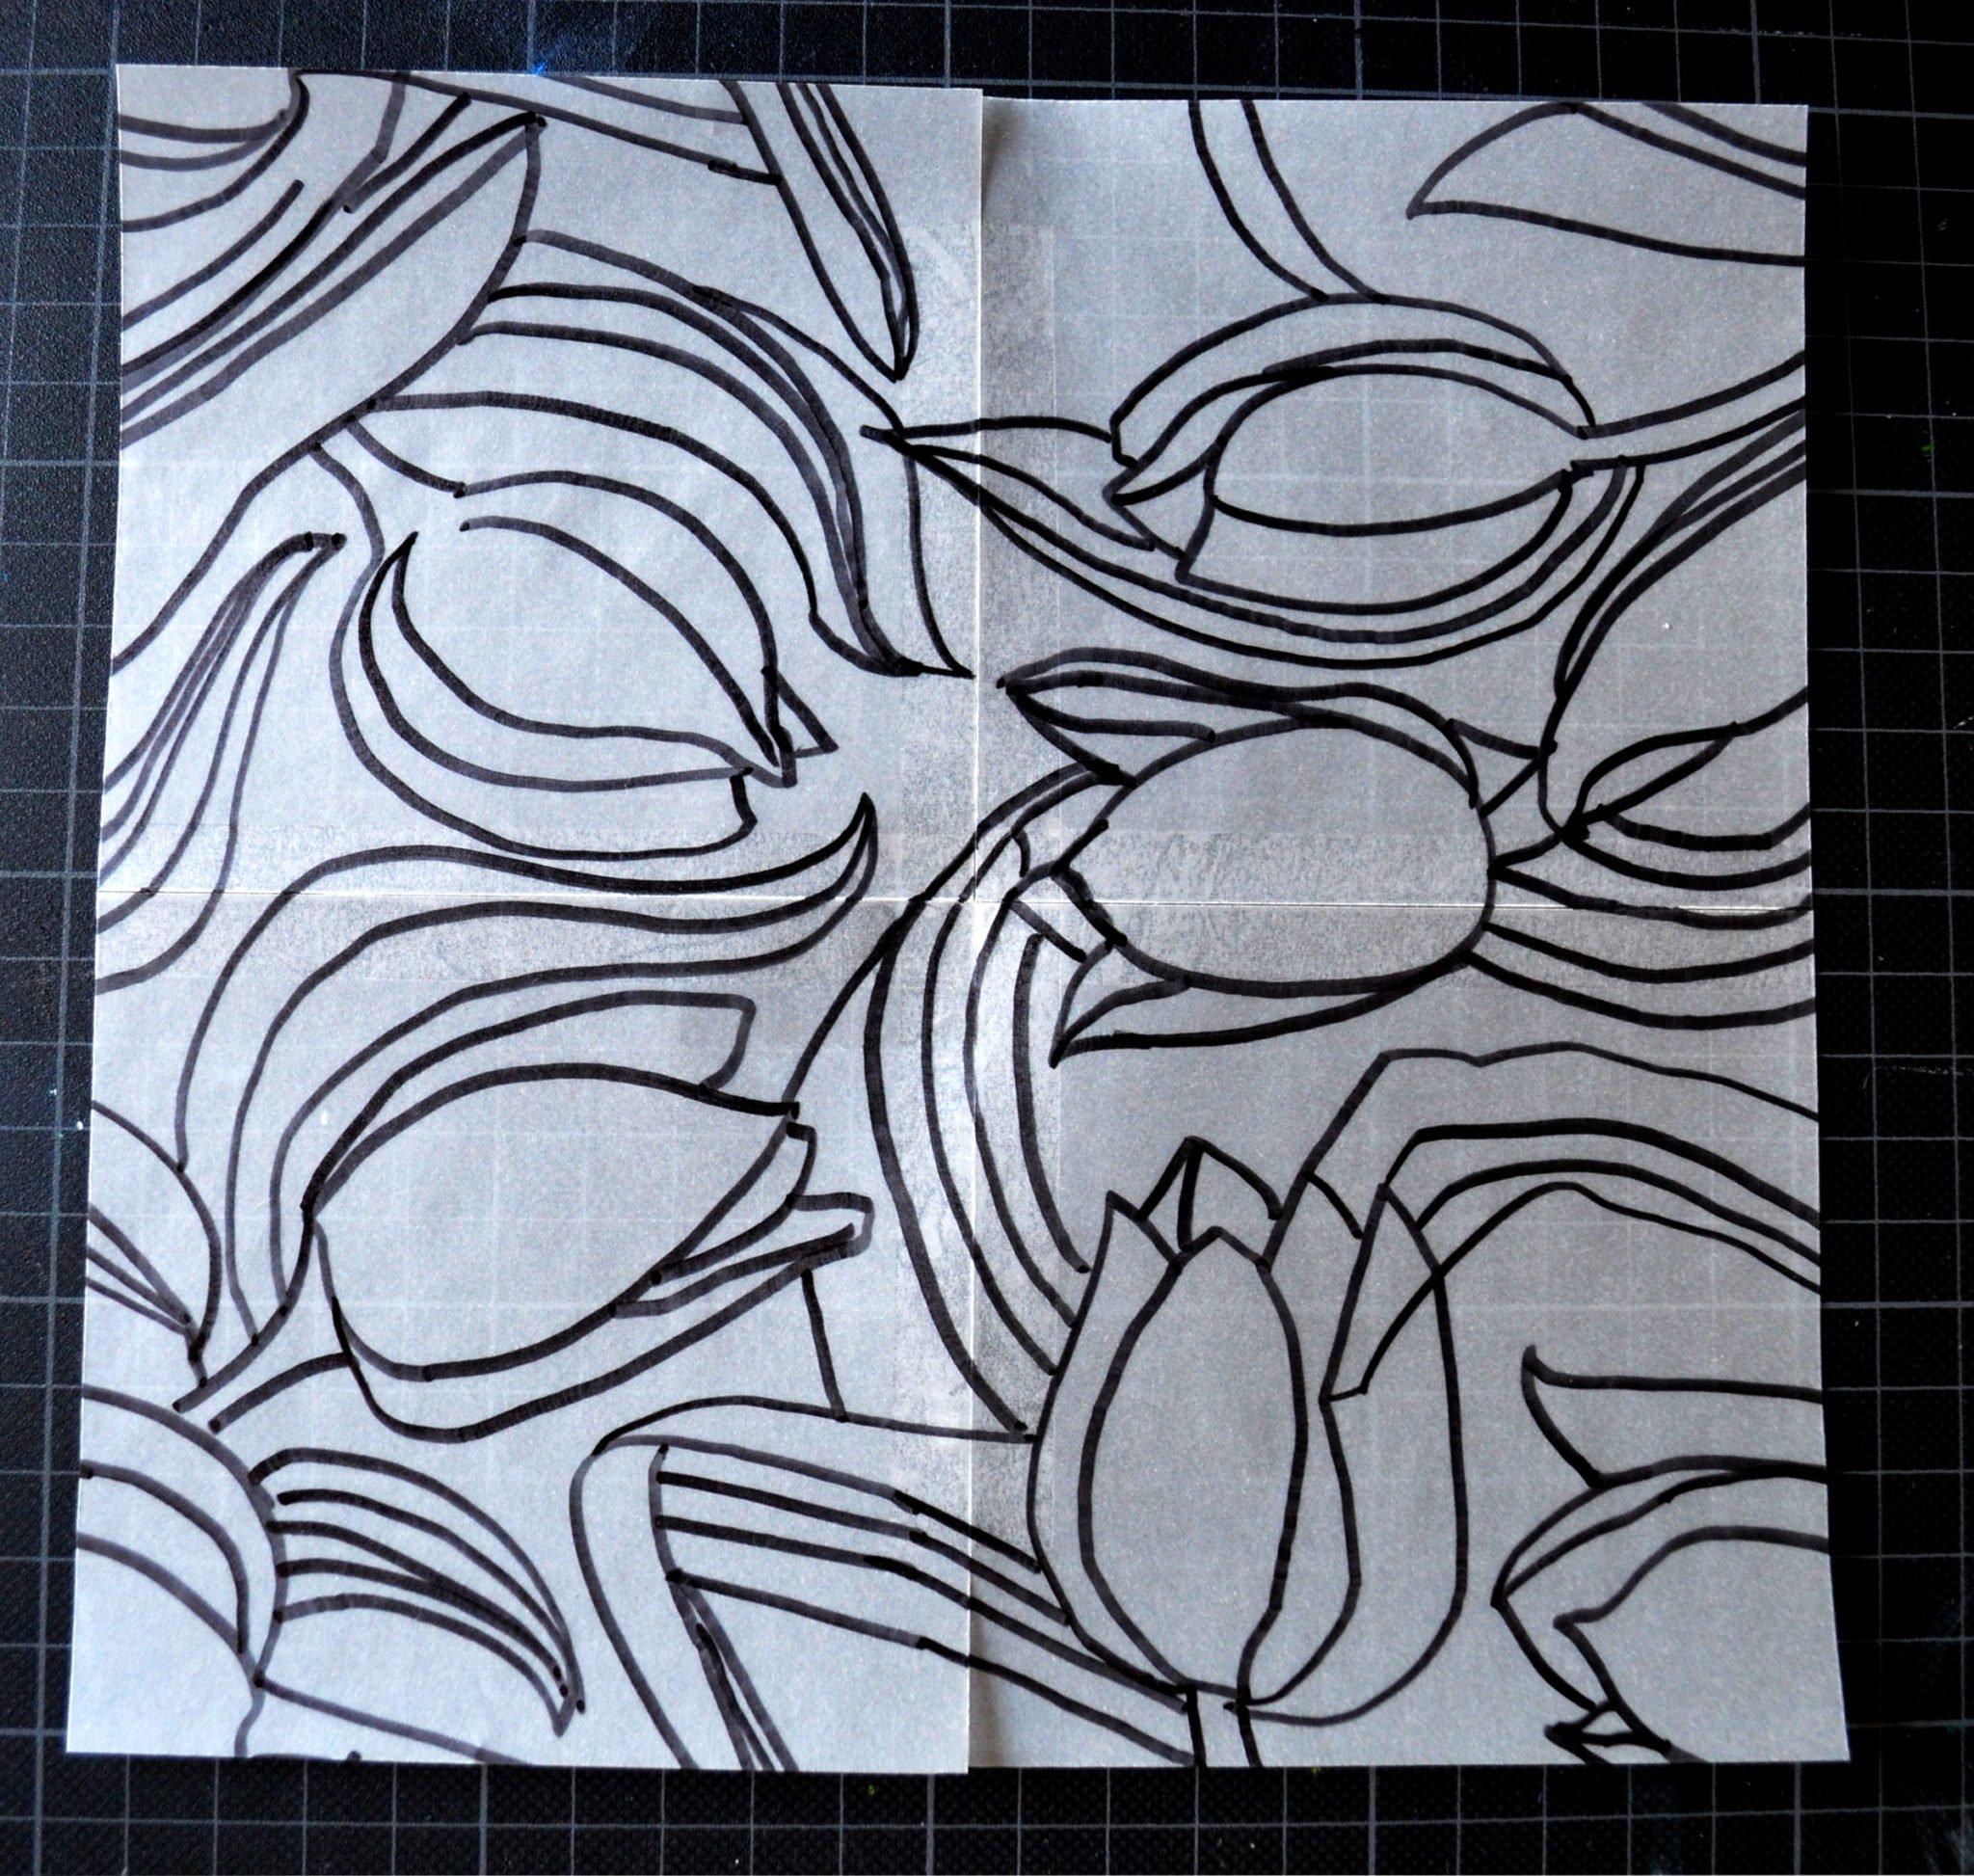 Rapport von Hand zeichnen Schritt 3b zeichnen